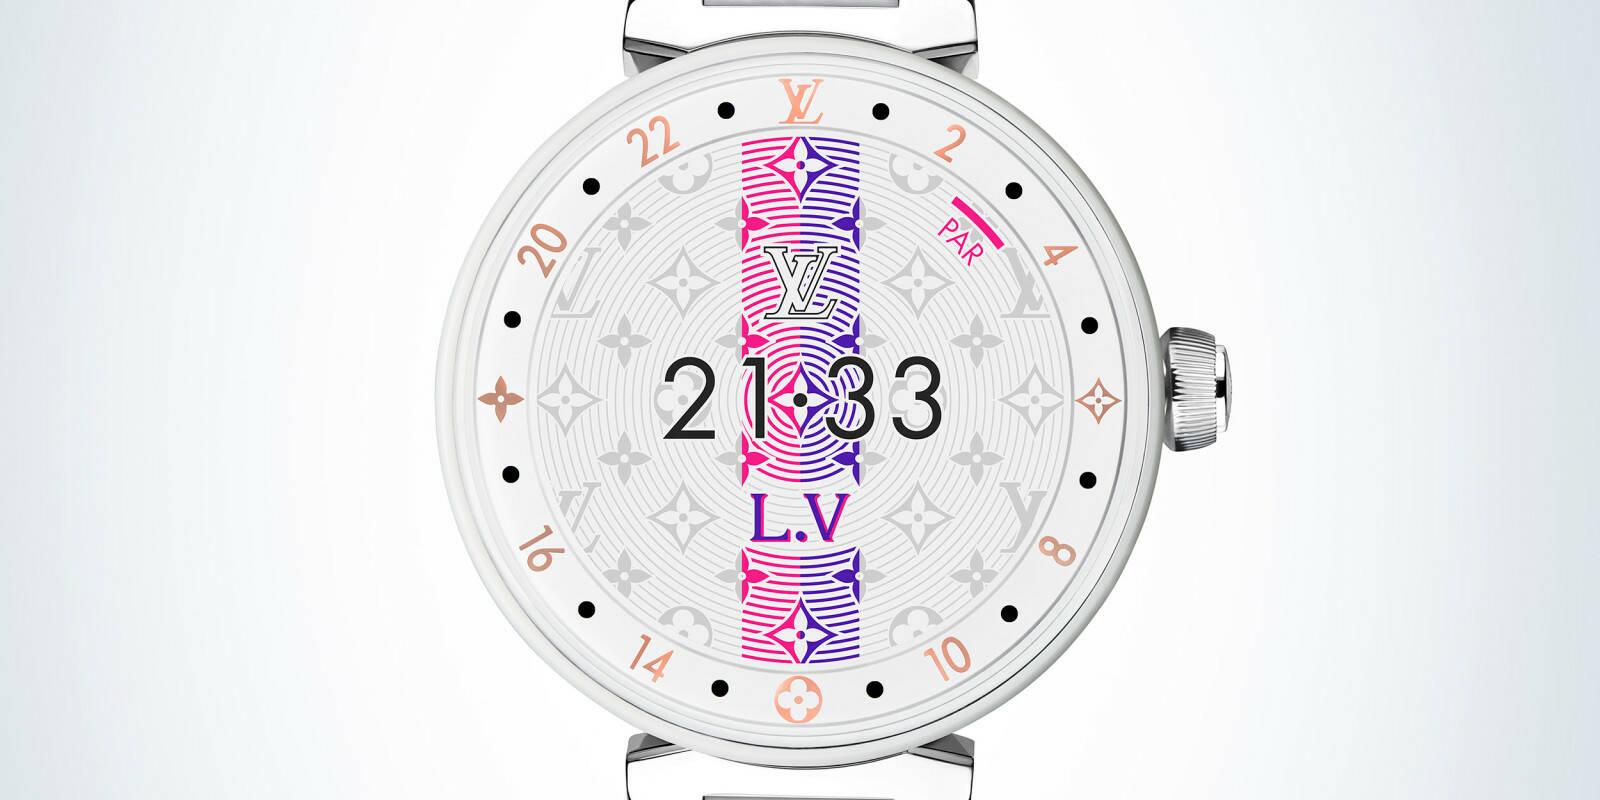 Hodinky Tambour Horizon od Louis Vuitton se více poodhalují [aktualizováno]